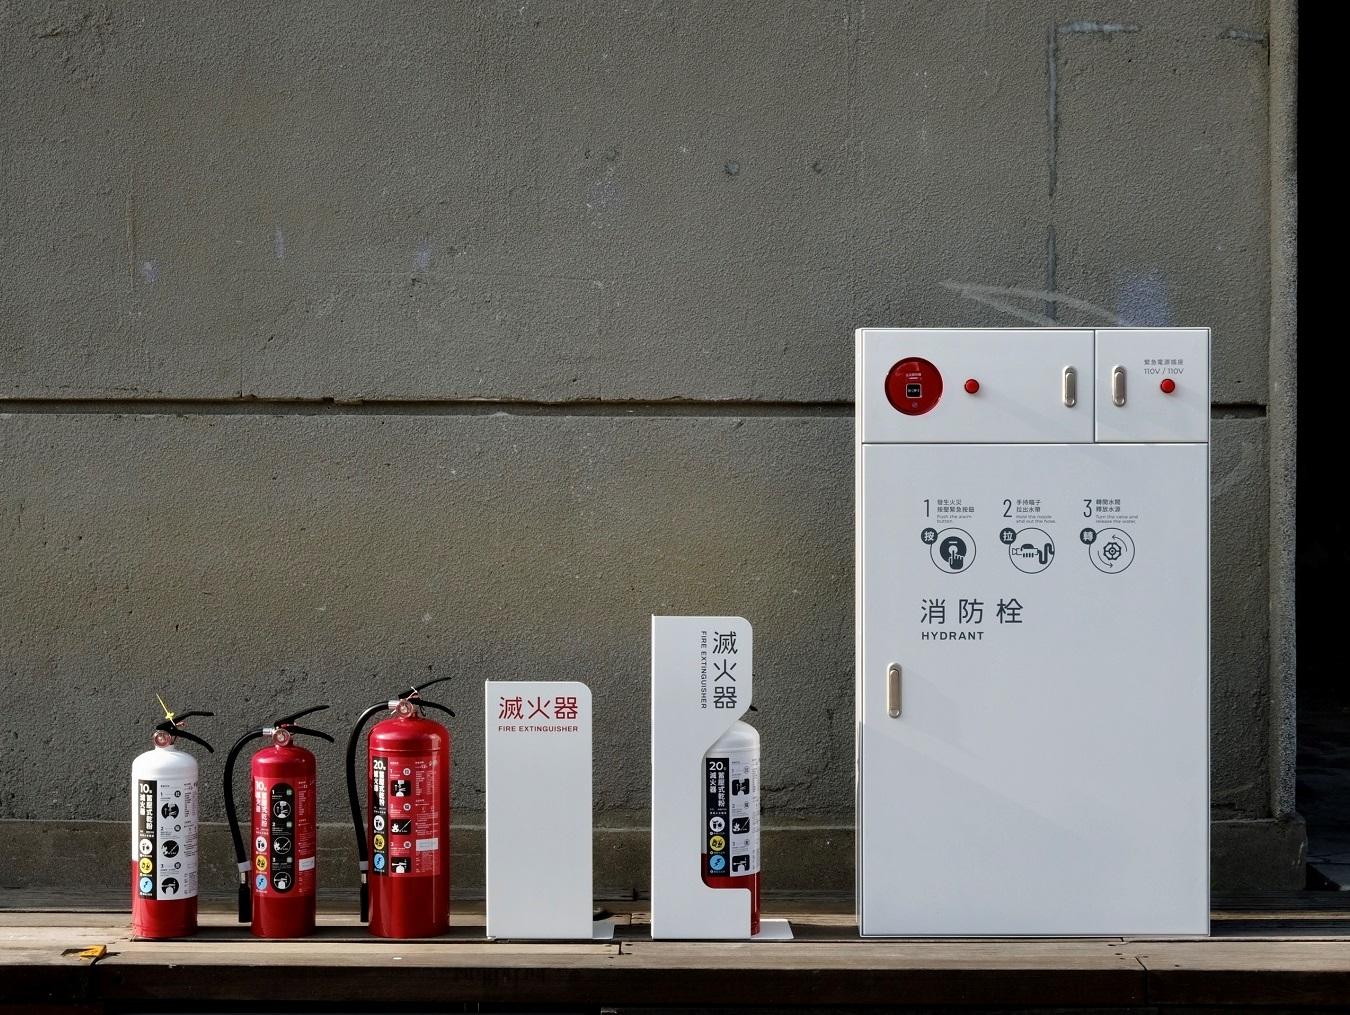 打造看不見的安心感  安全、便利與美感共存的消防設備再設計